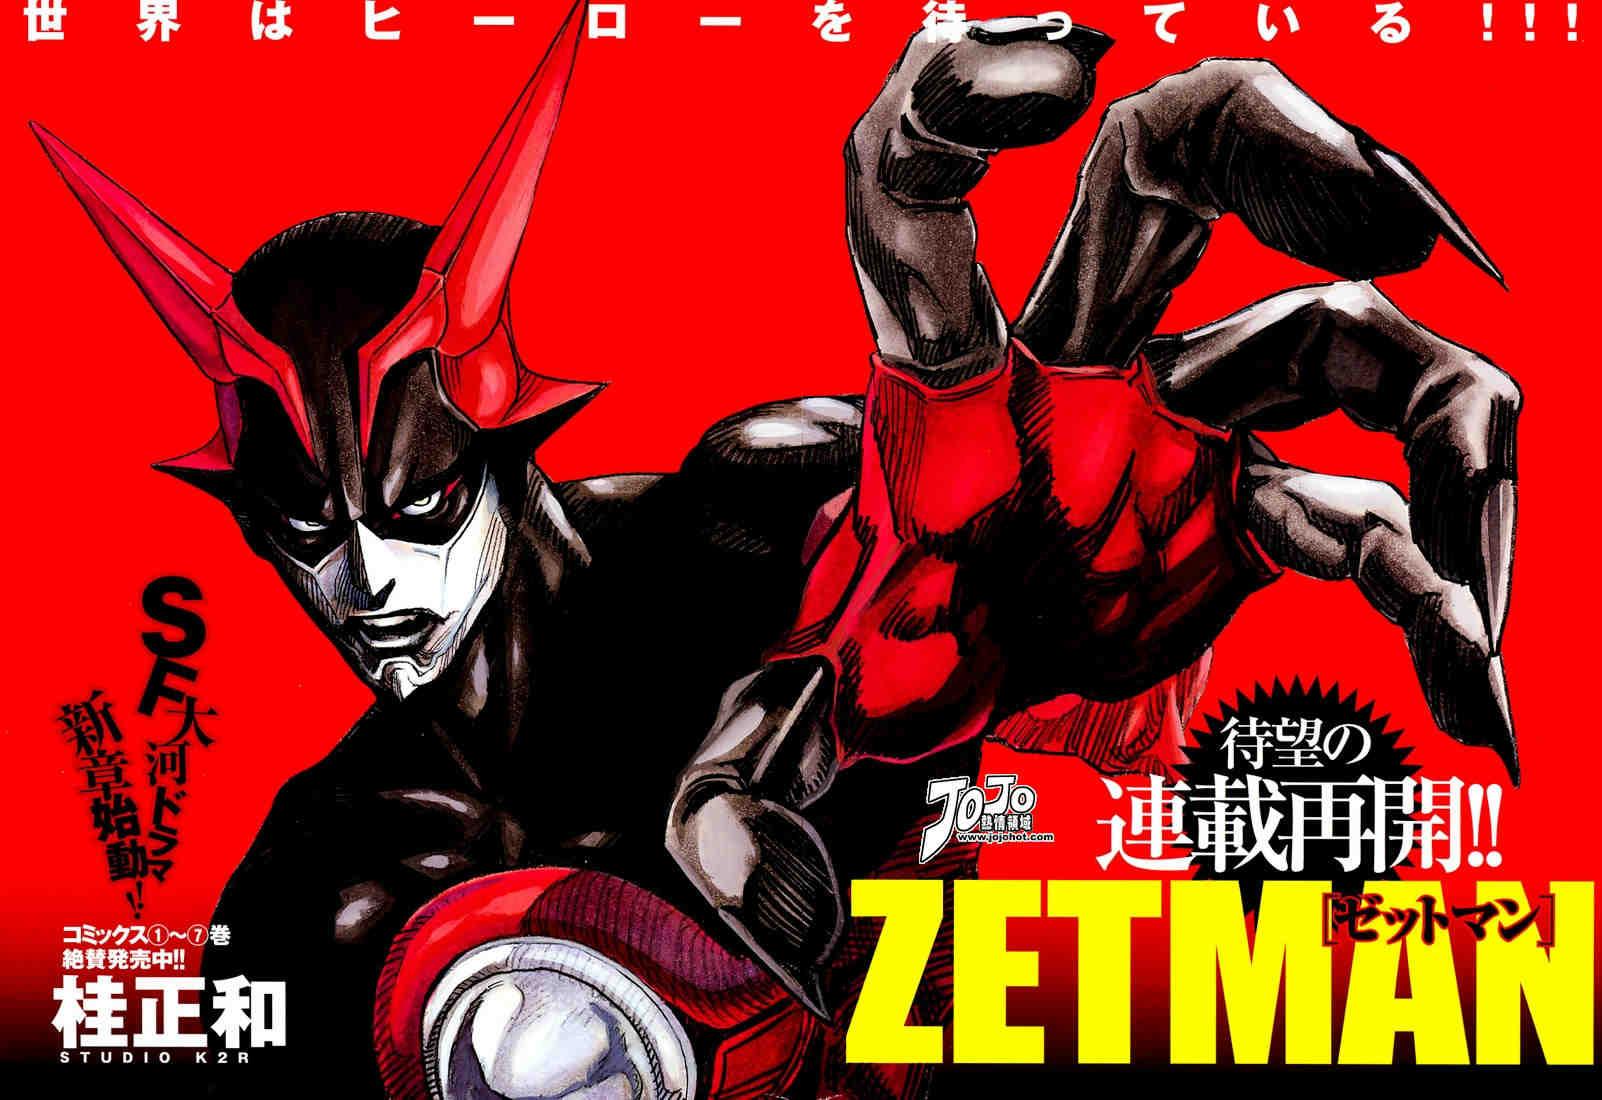 Анонс сериала «Zetman»